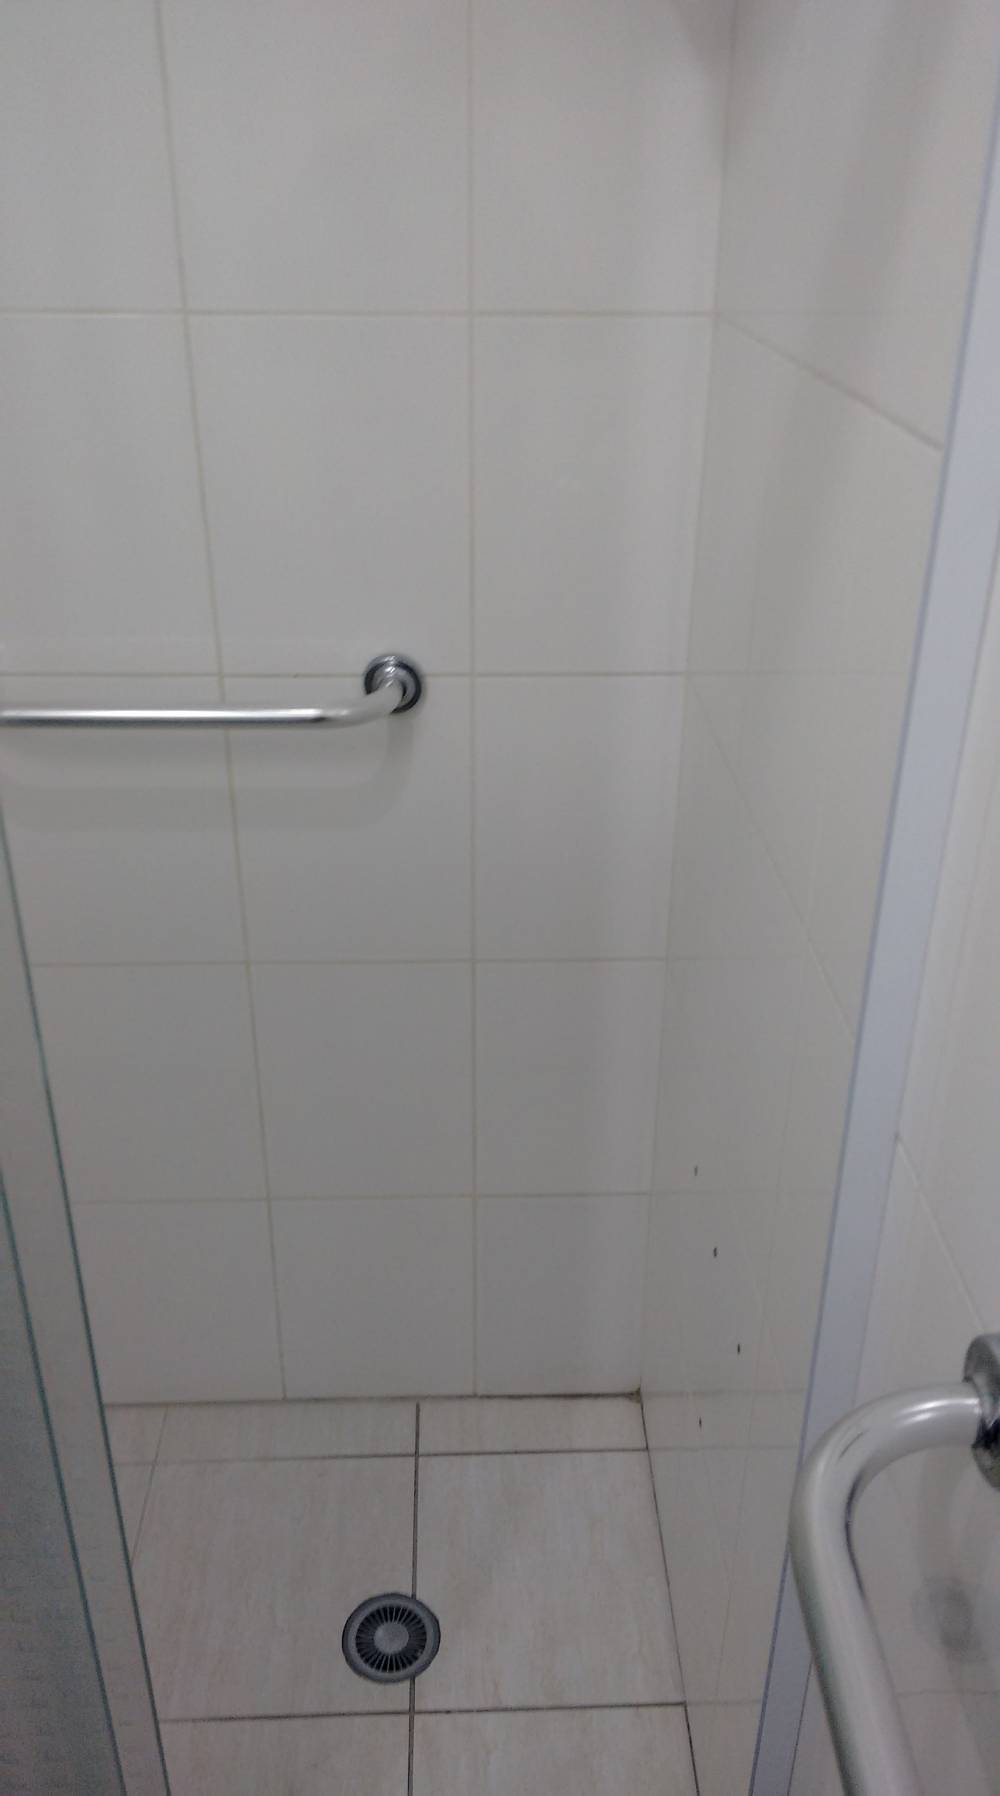 Serviço de Pequenos Reparos Residenciais no Jardim Alvorada - Empresa para Reparos Residenciais